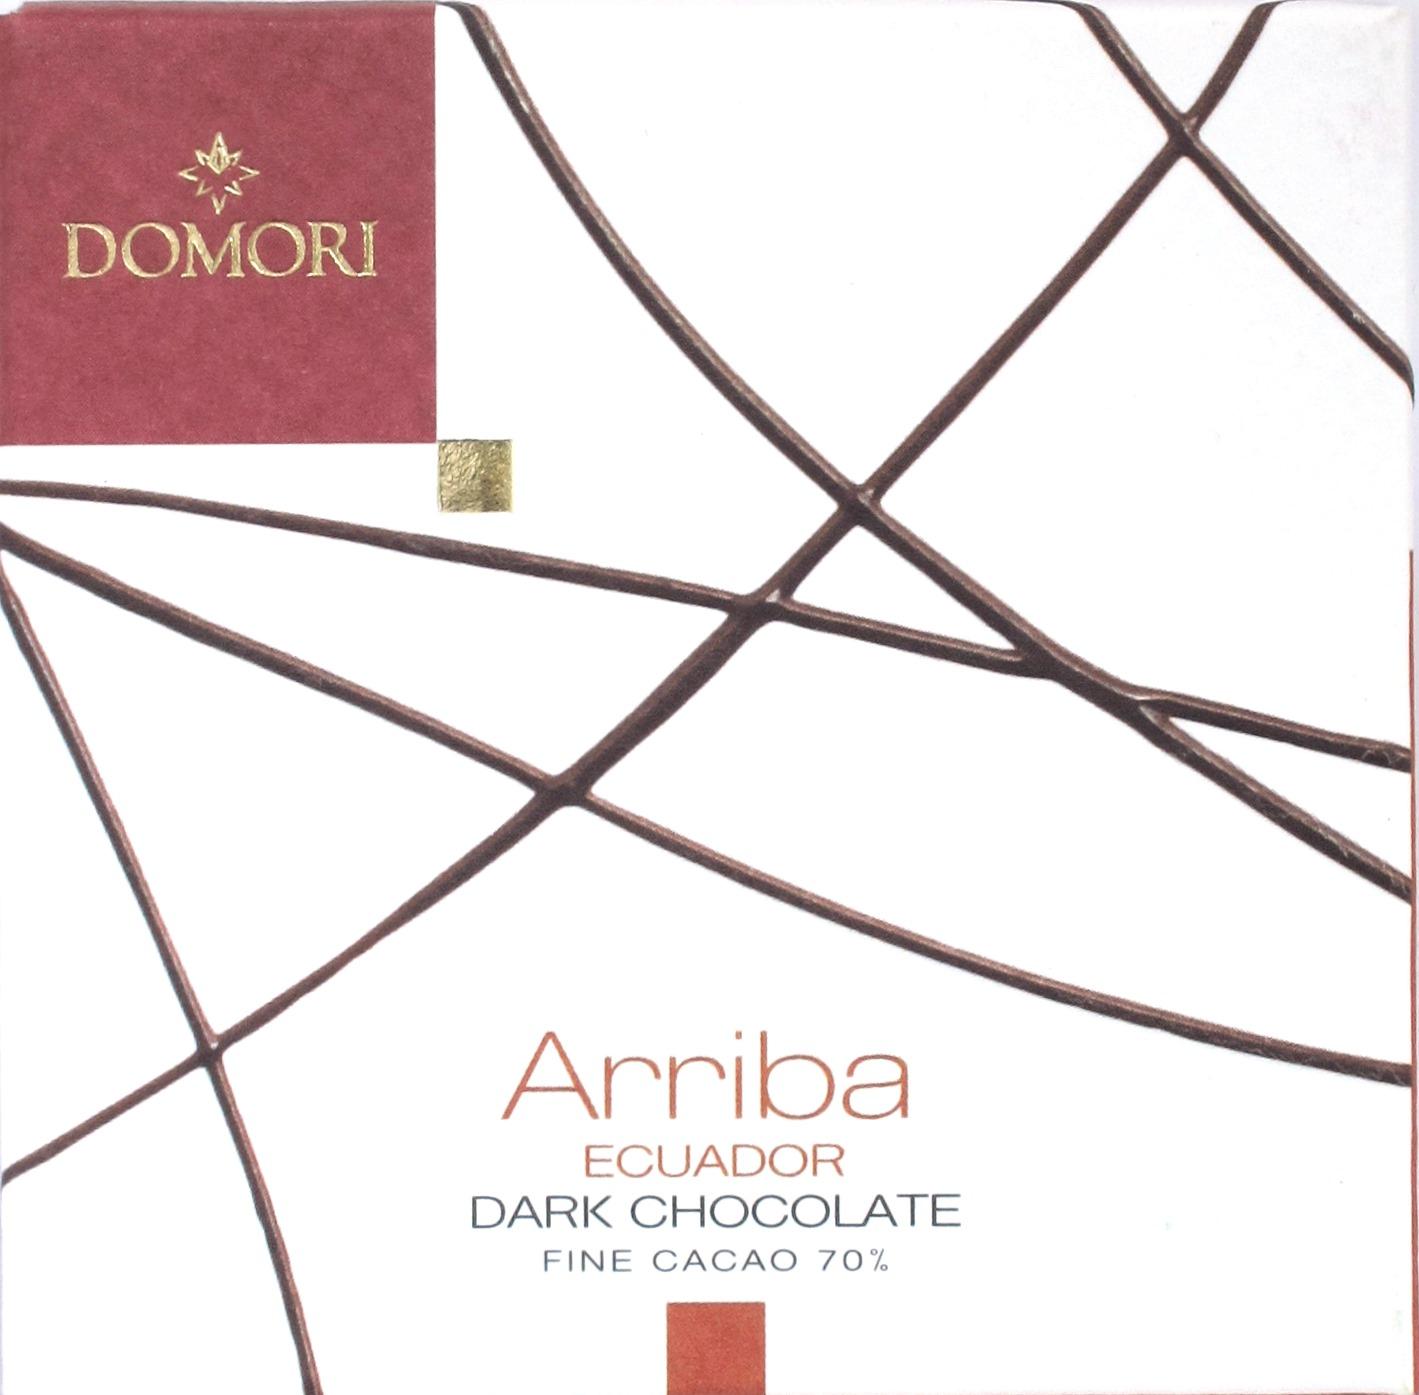 Domori Ecuador-Schokolade Arriba